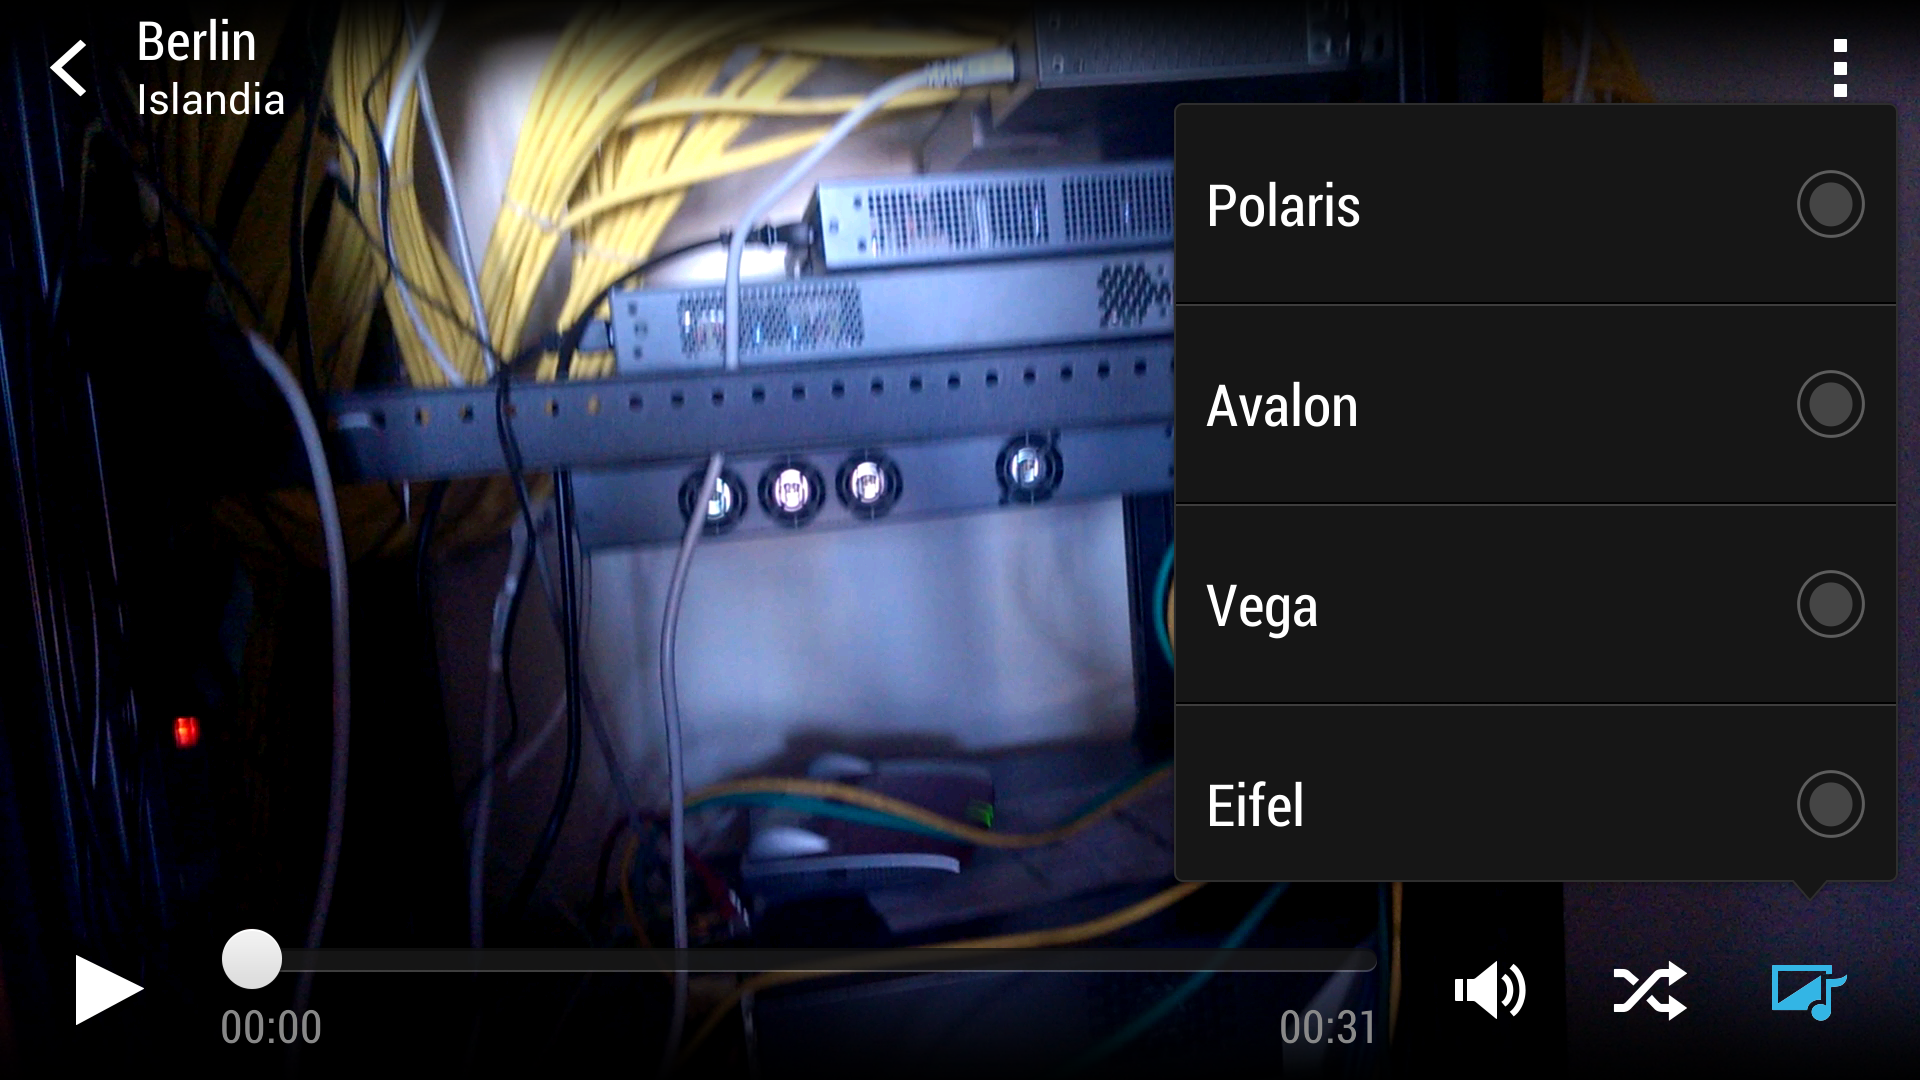 HTC One im Test: Smartphone-Bolide mit Spaßkamera -